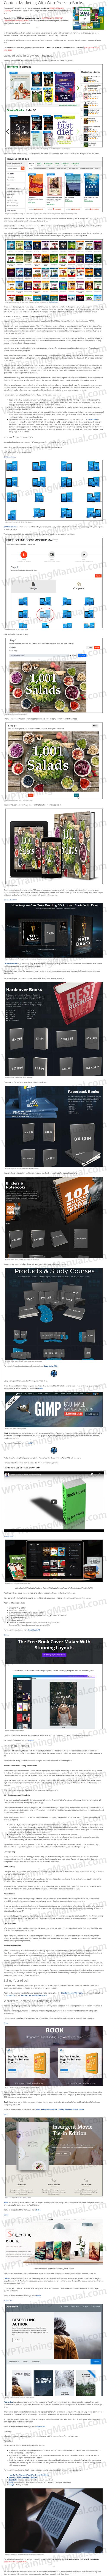 White Label Tutorial: Content Marketing Using eBooks - WPTrainingManual.com